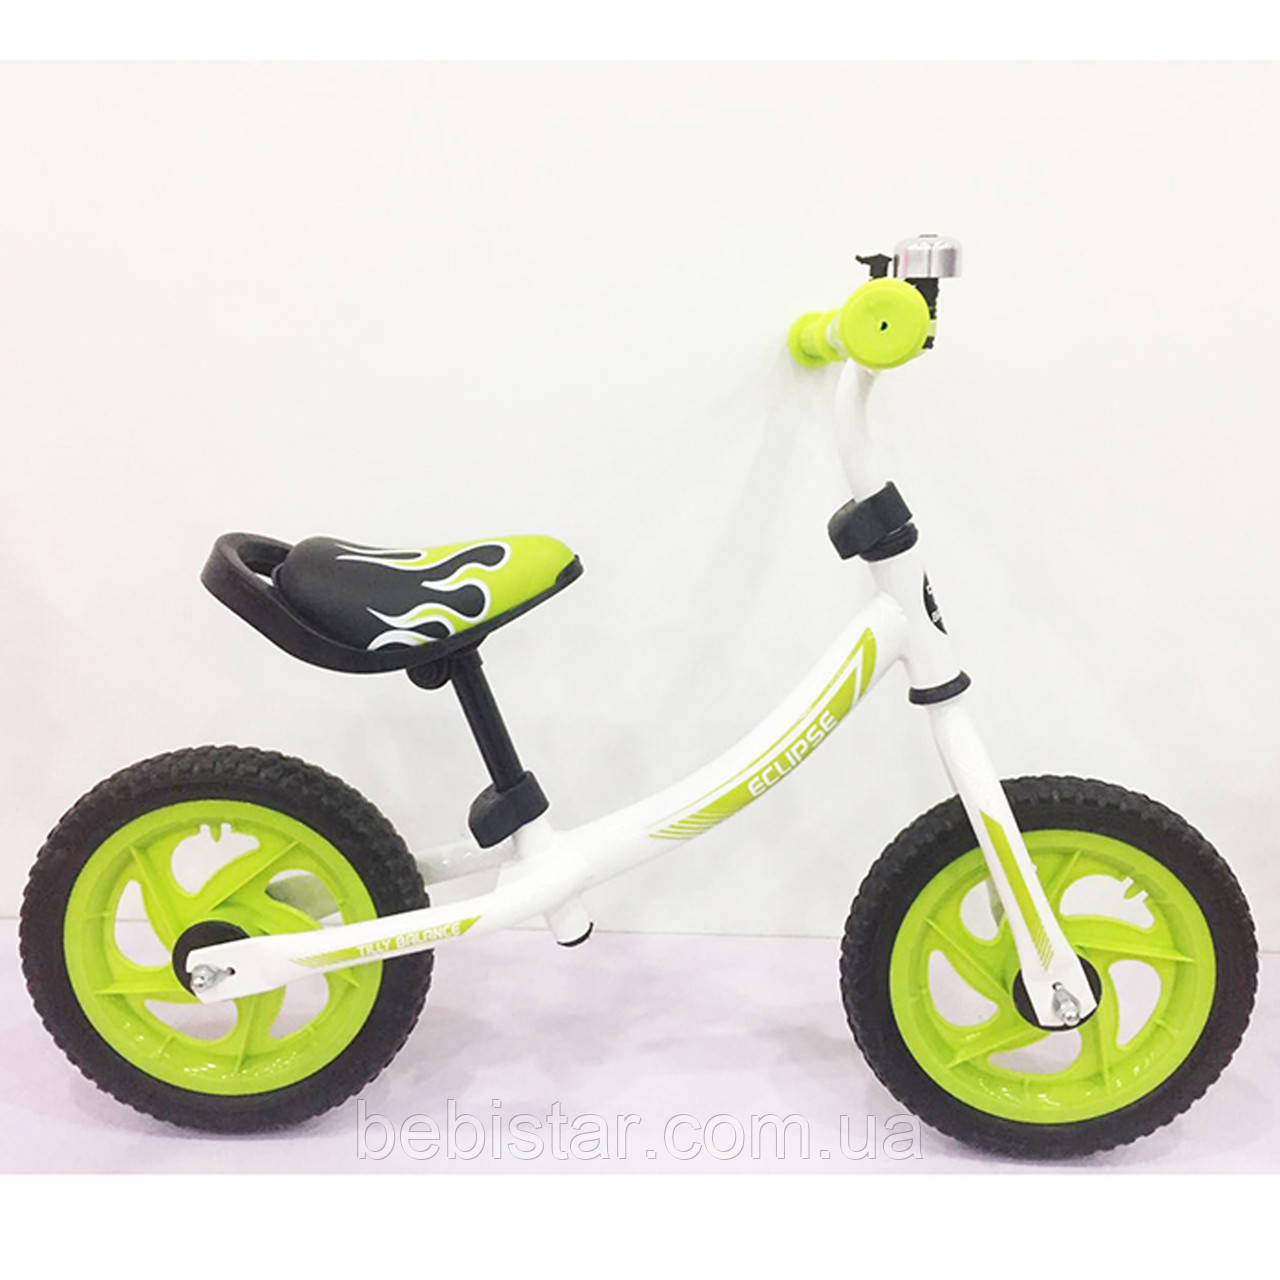 Беговел BALANCE TILLY 12 Eclipse T-21254 Green для дітей 2-4 роки